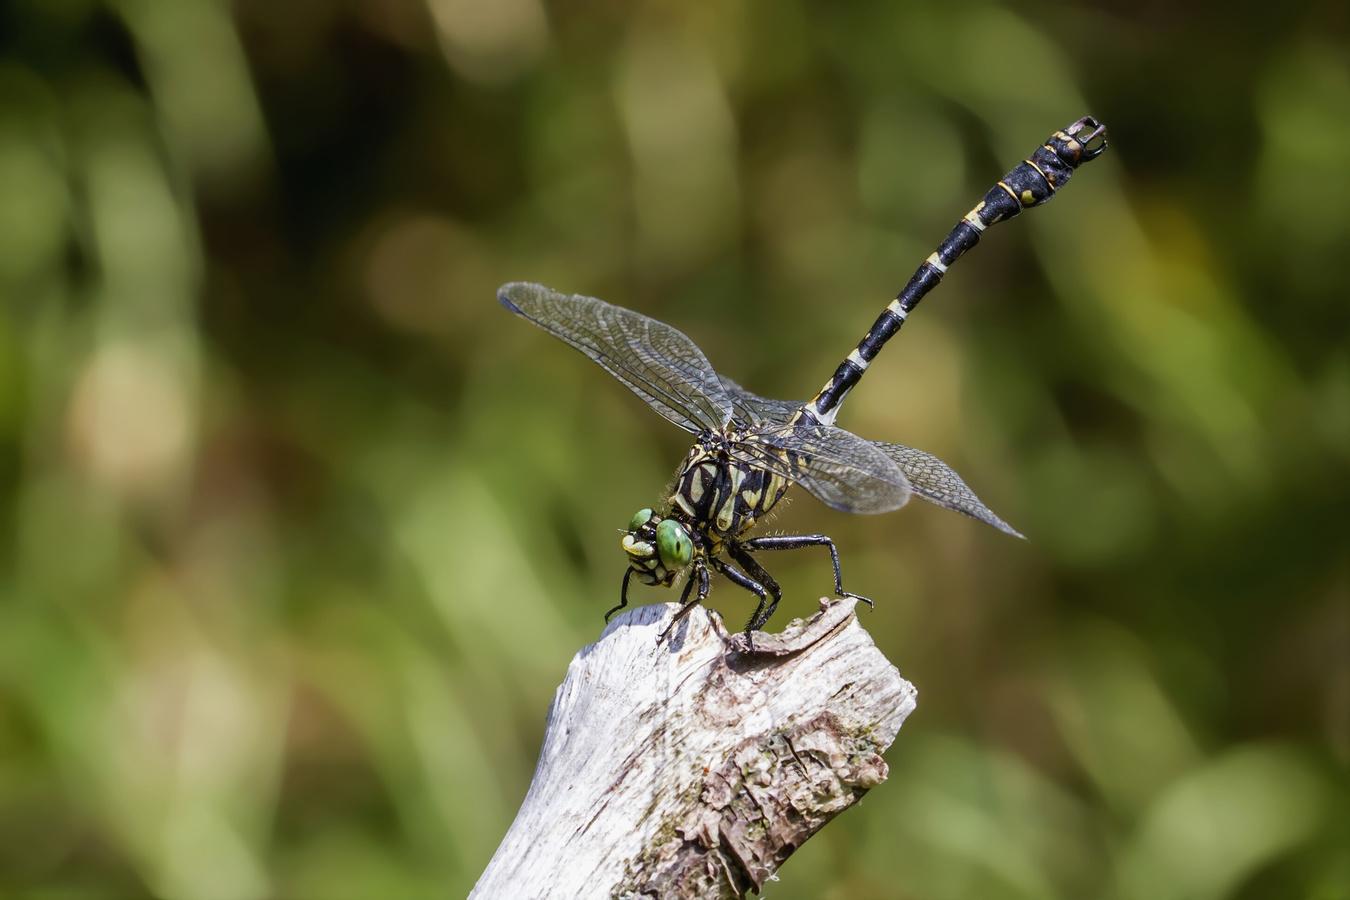 Klínatka vidlitá - Onychogomphus forcipatus